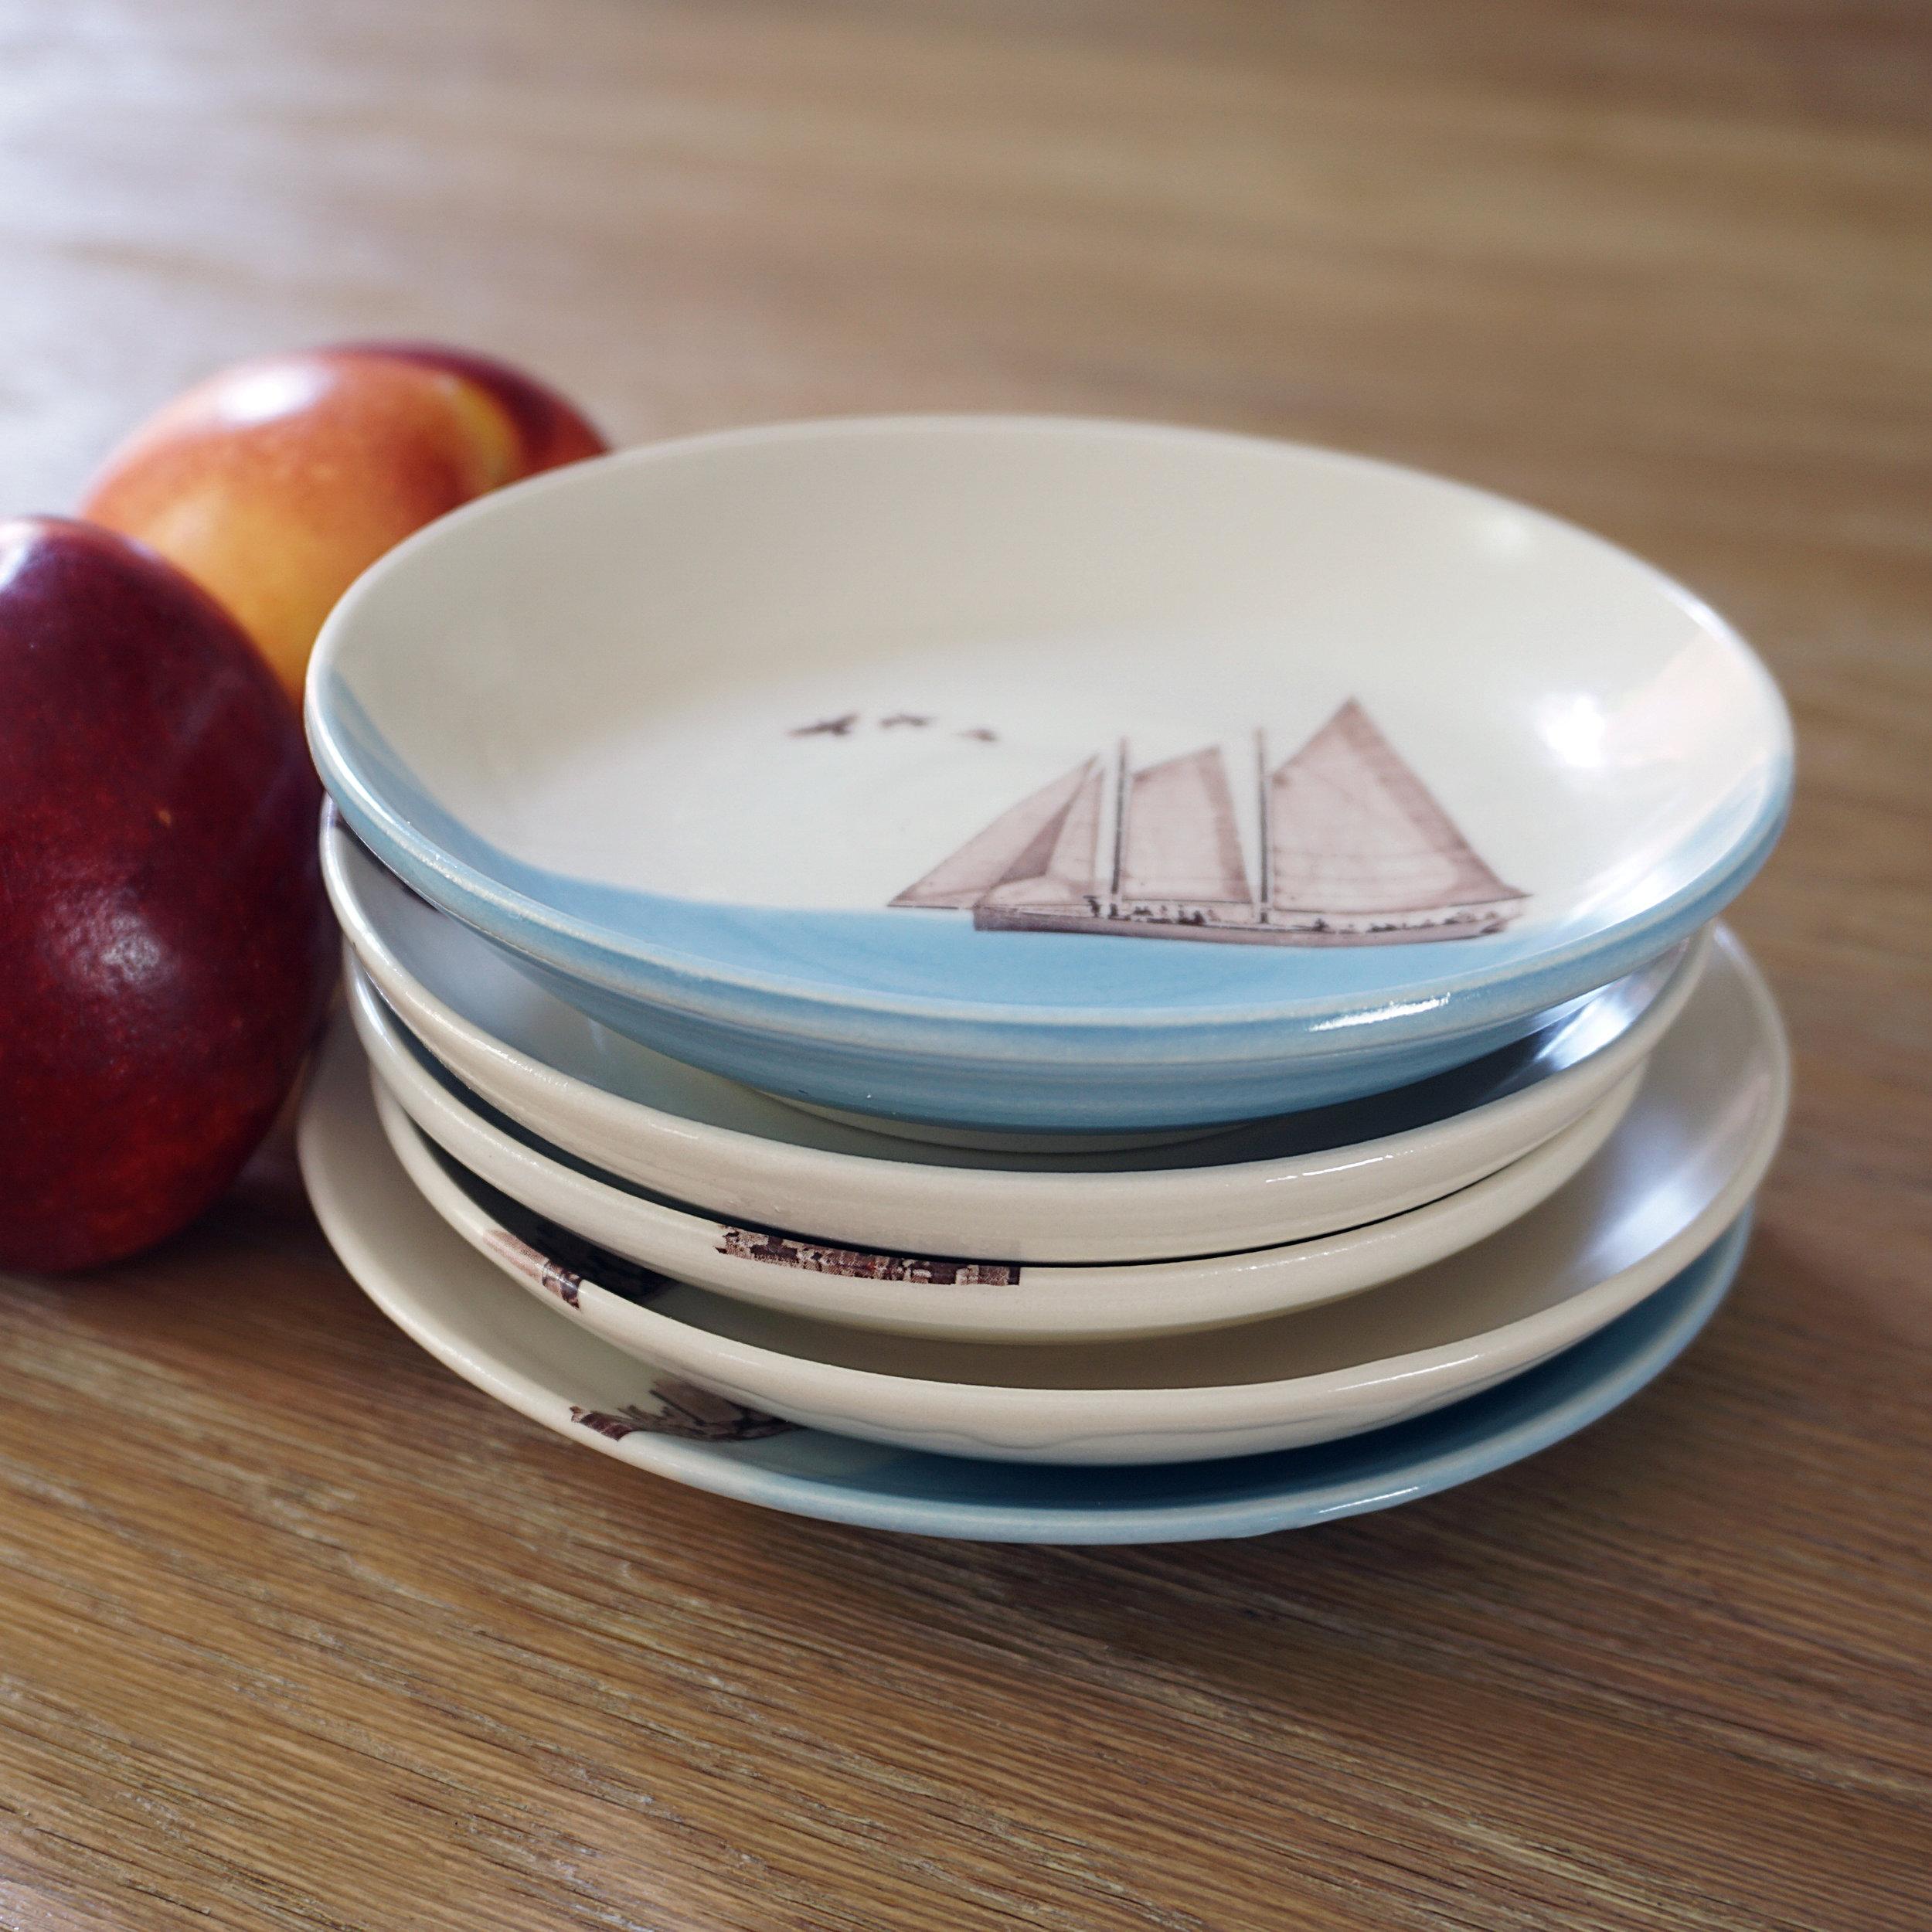 soap dish pile.jpg